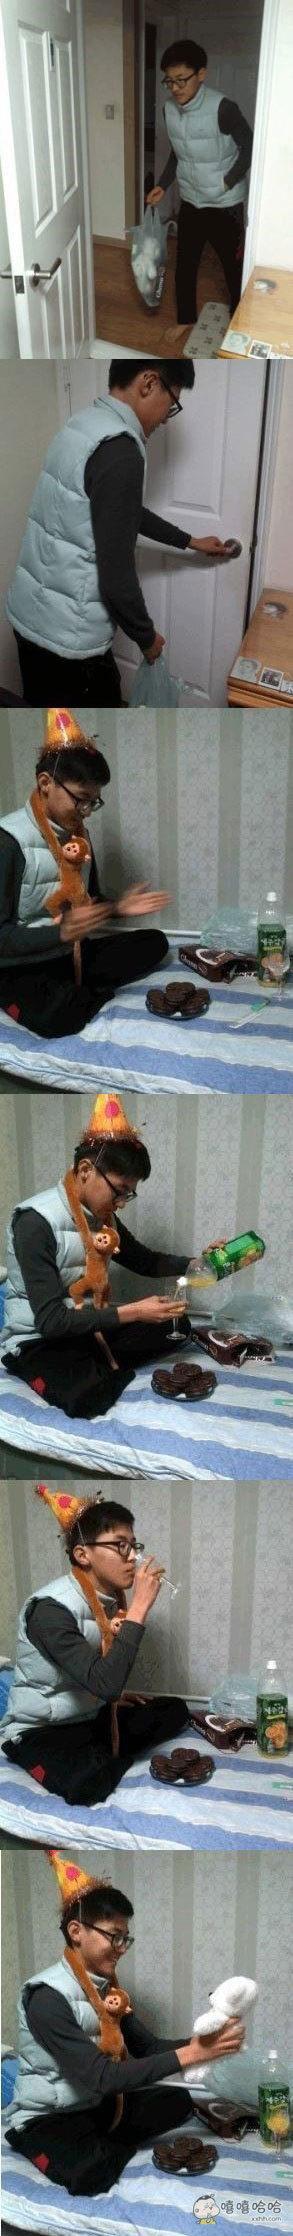 过生日就是要开心